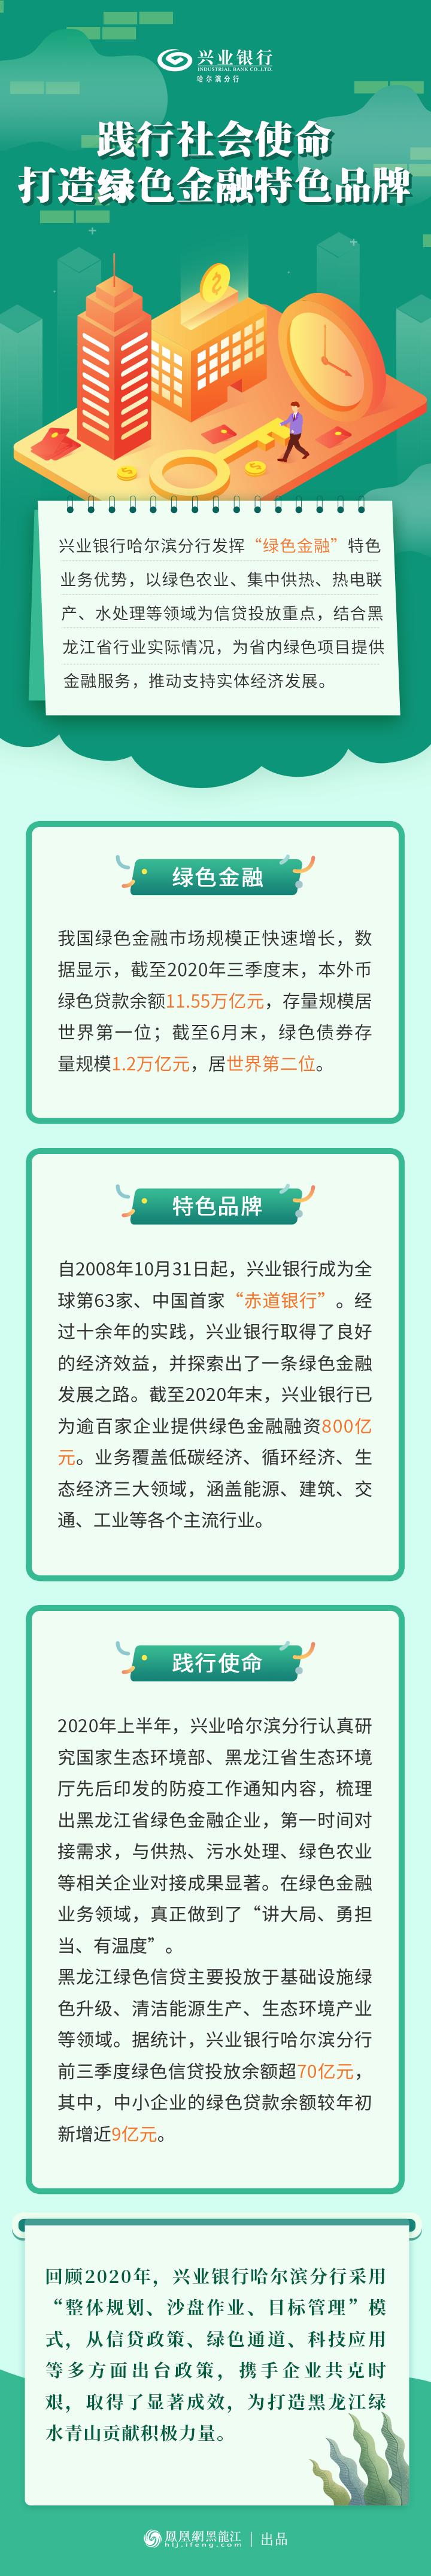 践行社会使命 兴业银行哈尔滨分行打造绿色金融特色品牌